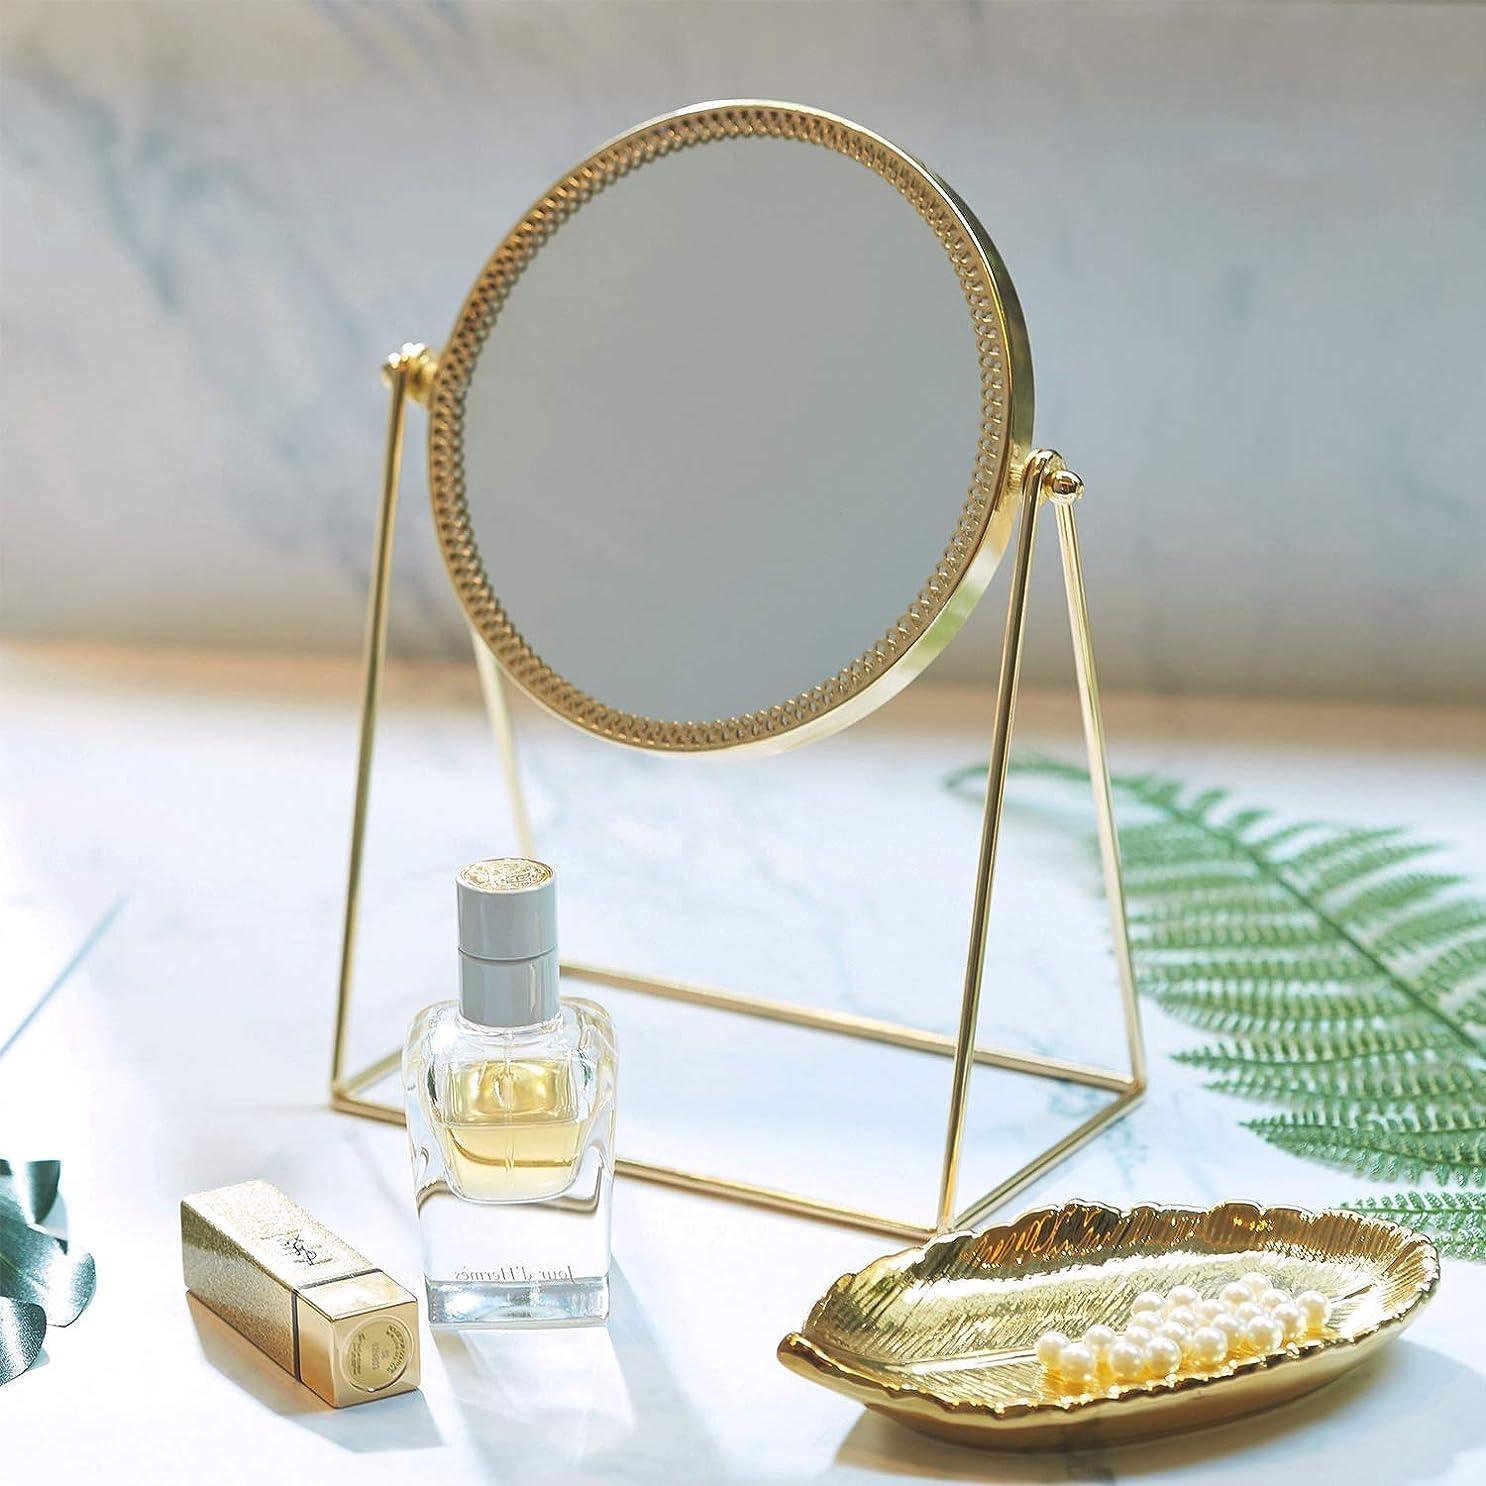 サリーとにかく炭素MQQ シングル化粧鏡両面化粧鏡ヴィンテージ360°回転金属製テーブルミラーラウンド化粧鏡手作り化粧鏡ドレッサー化粧台用